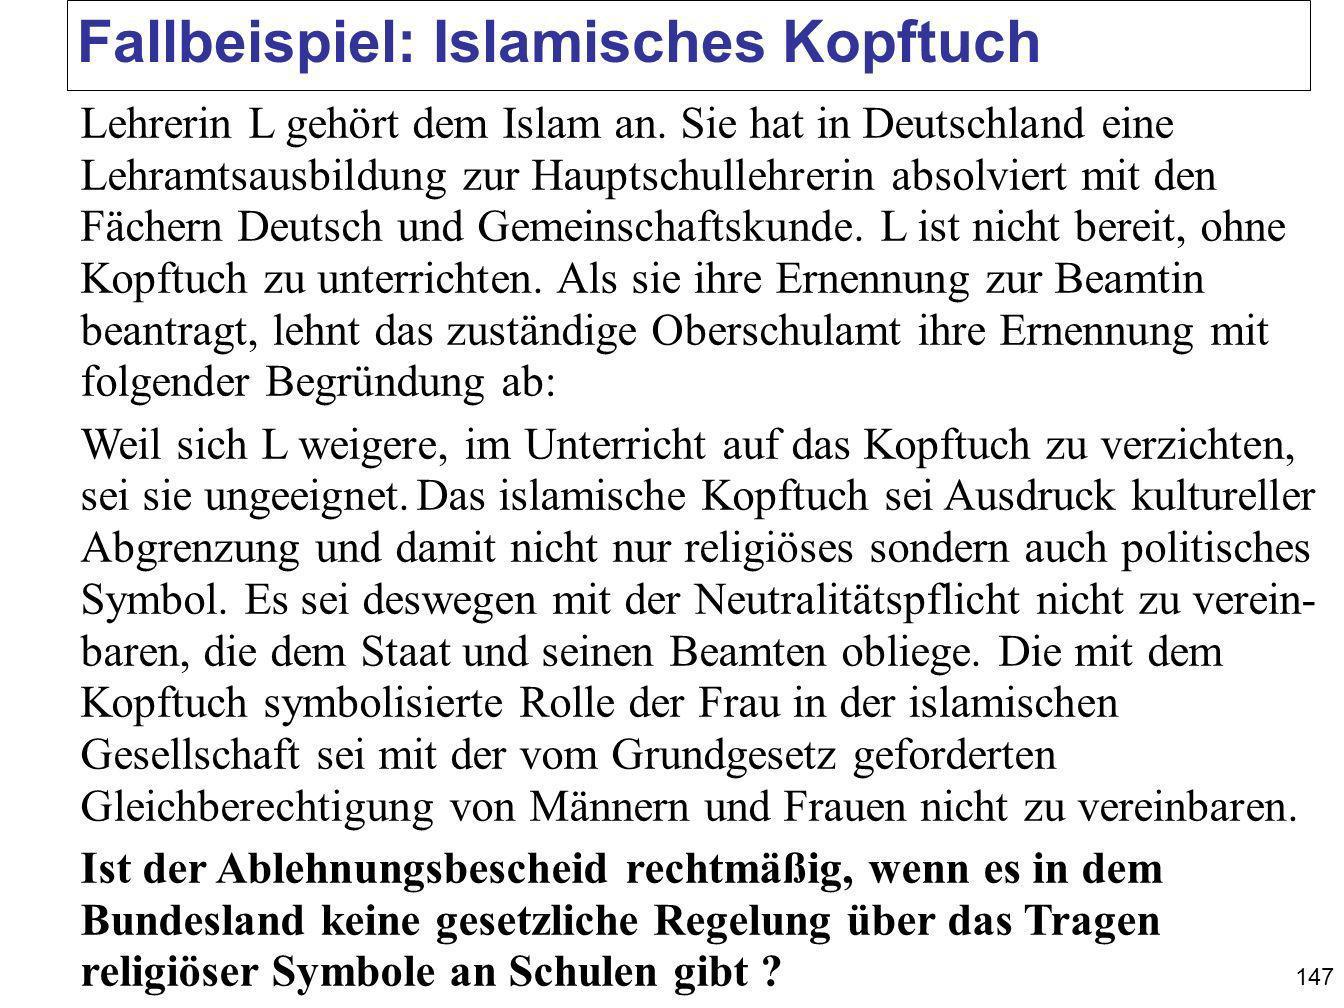 Fallbeispiel: Islamisches Kopftuch